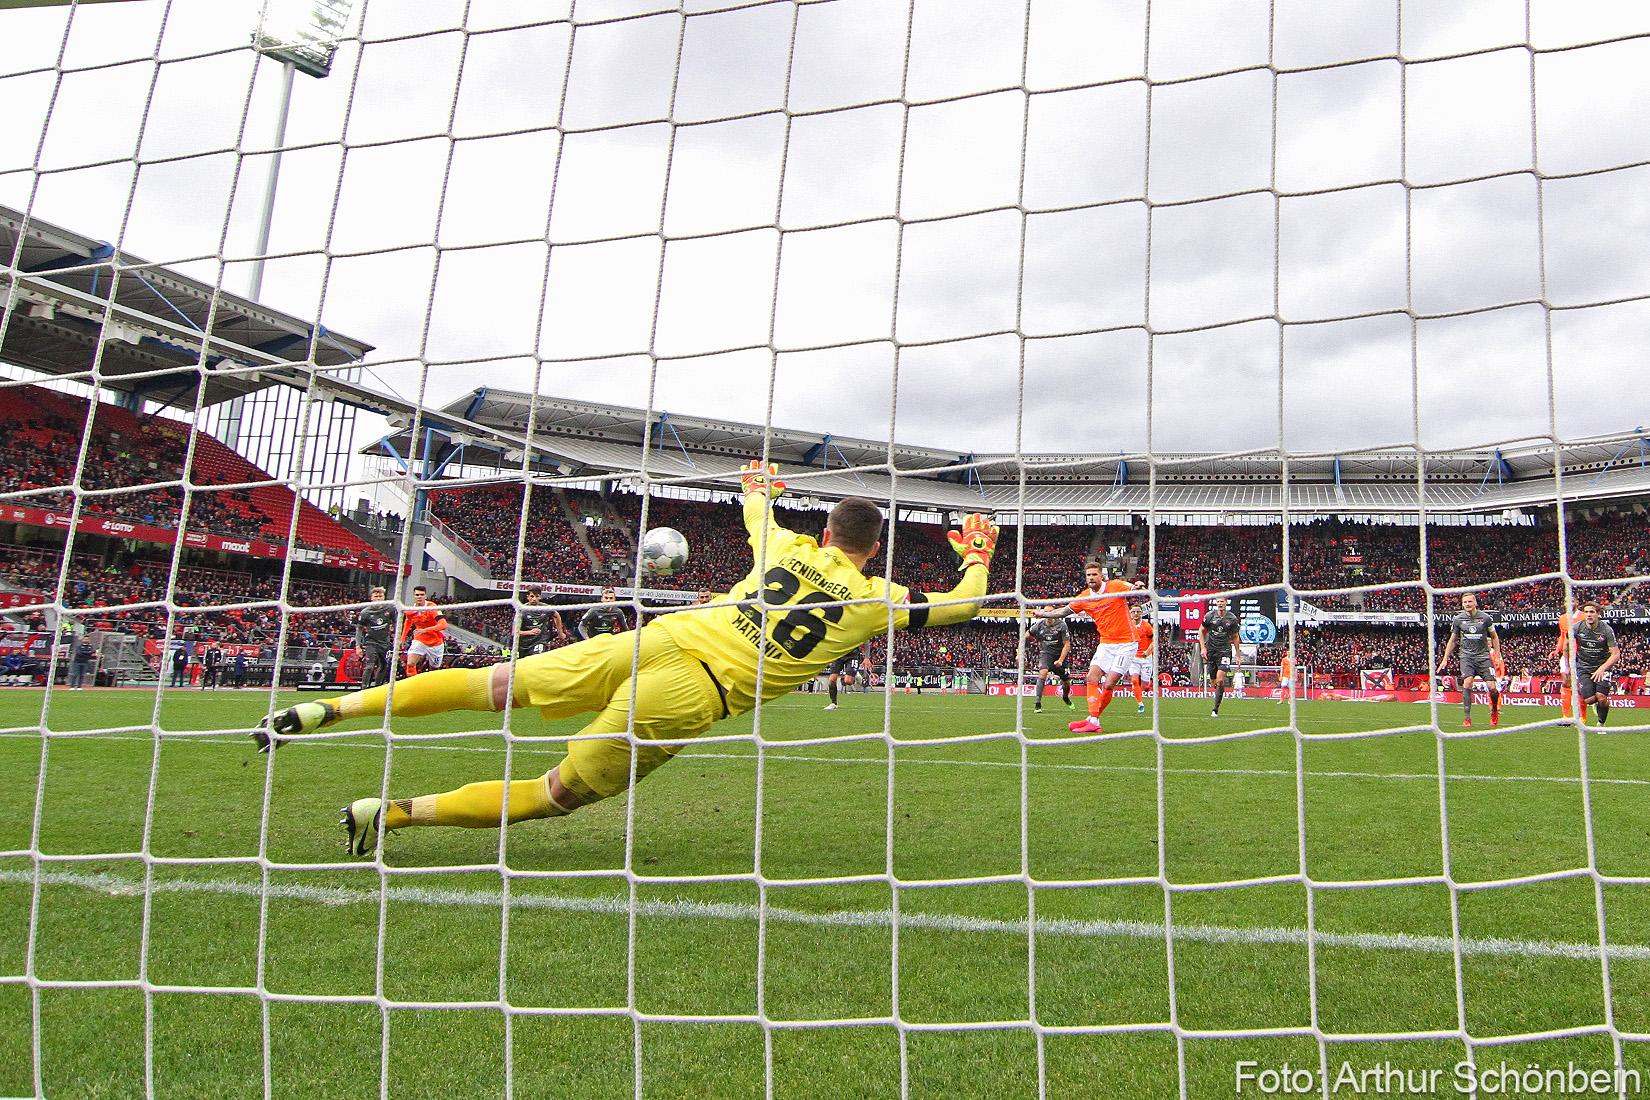 Impressionen vom Spiel gegen den 1.FC Nürnberg